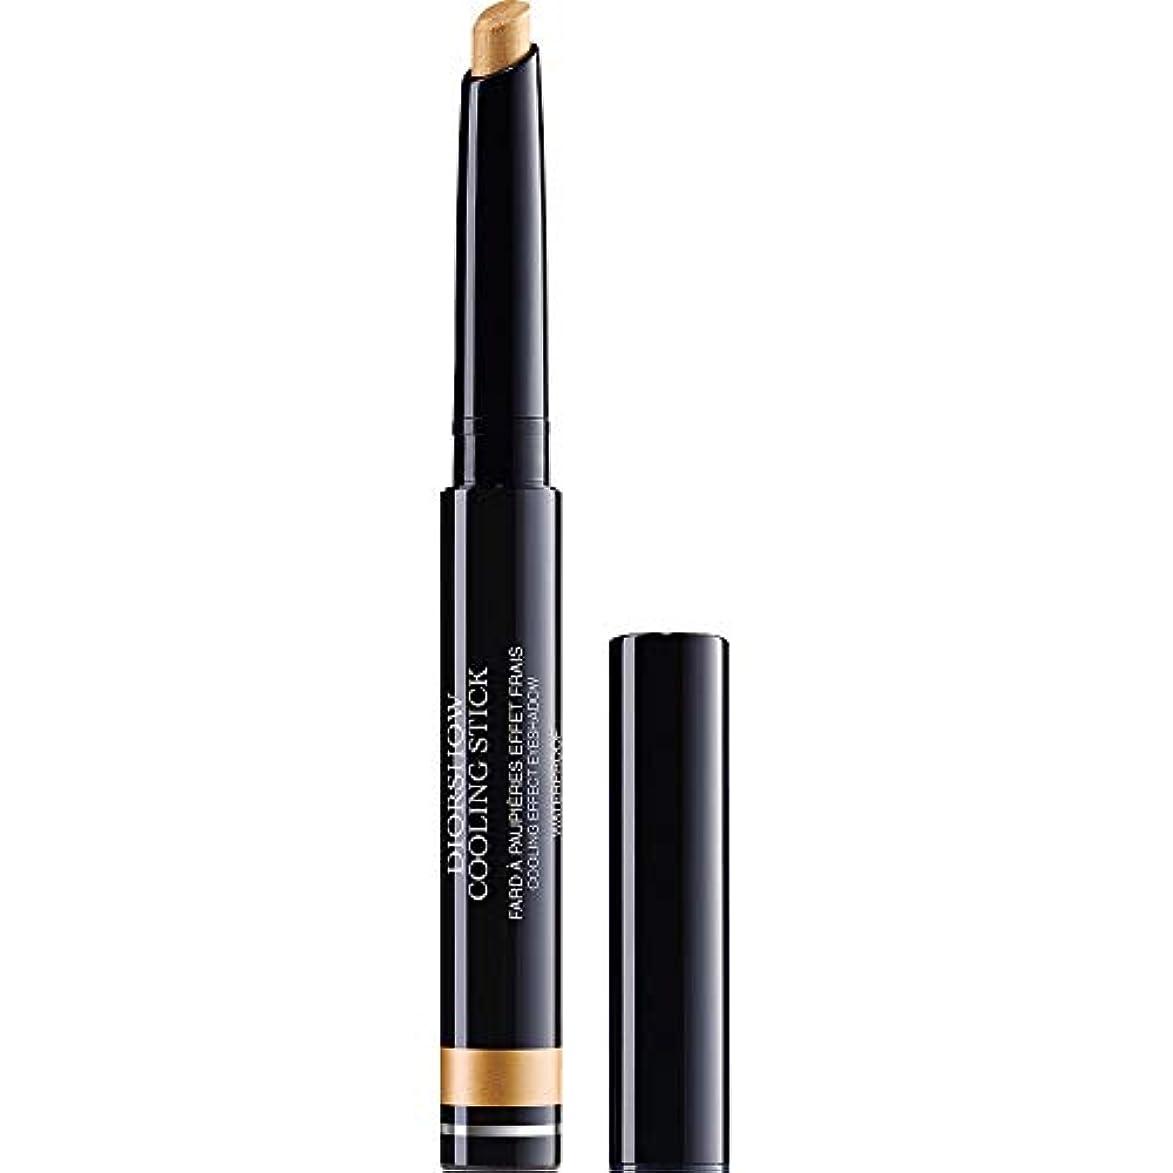 へこみ価格原油[Dior ] ディオールDiorshow冷却スティックアイシャドウ1.6グラム002 - 金スプラッシュ - DIOR Diorshow Cooling Stick Eyeshadow 1.6g 002 - Gold...